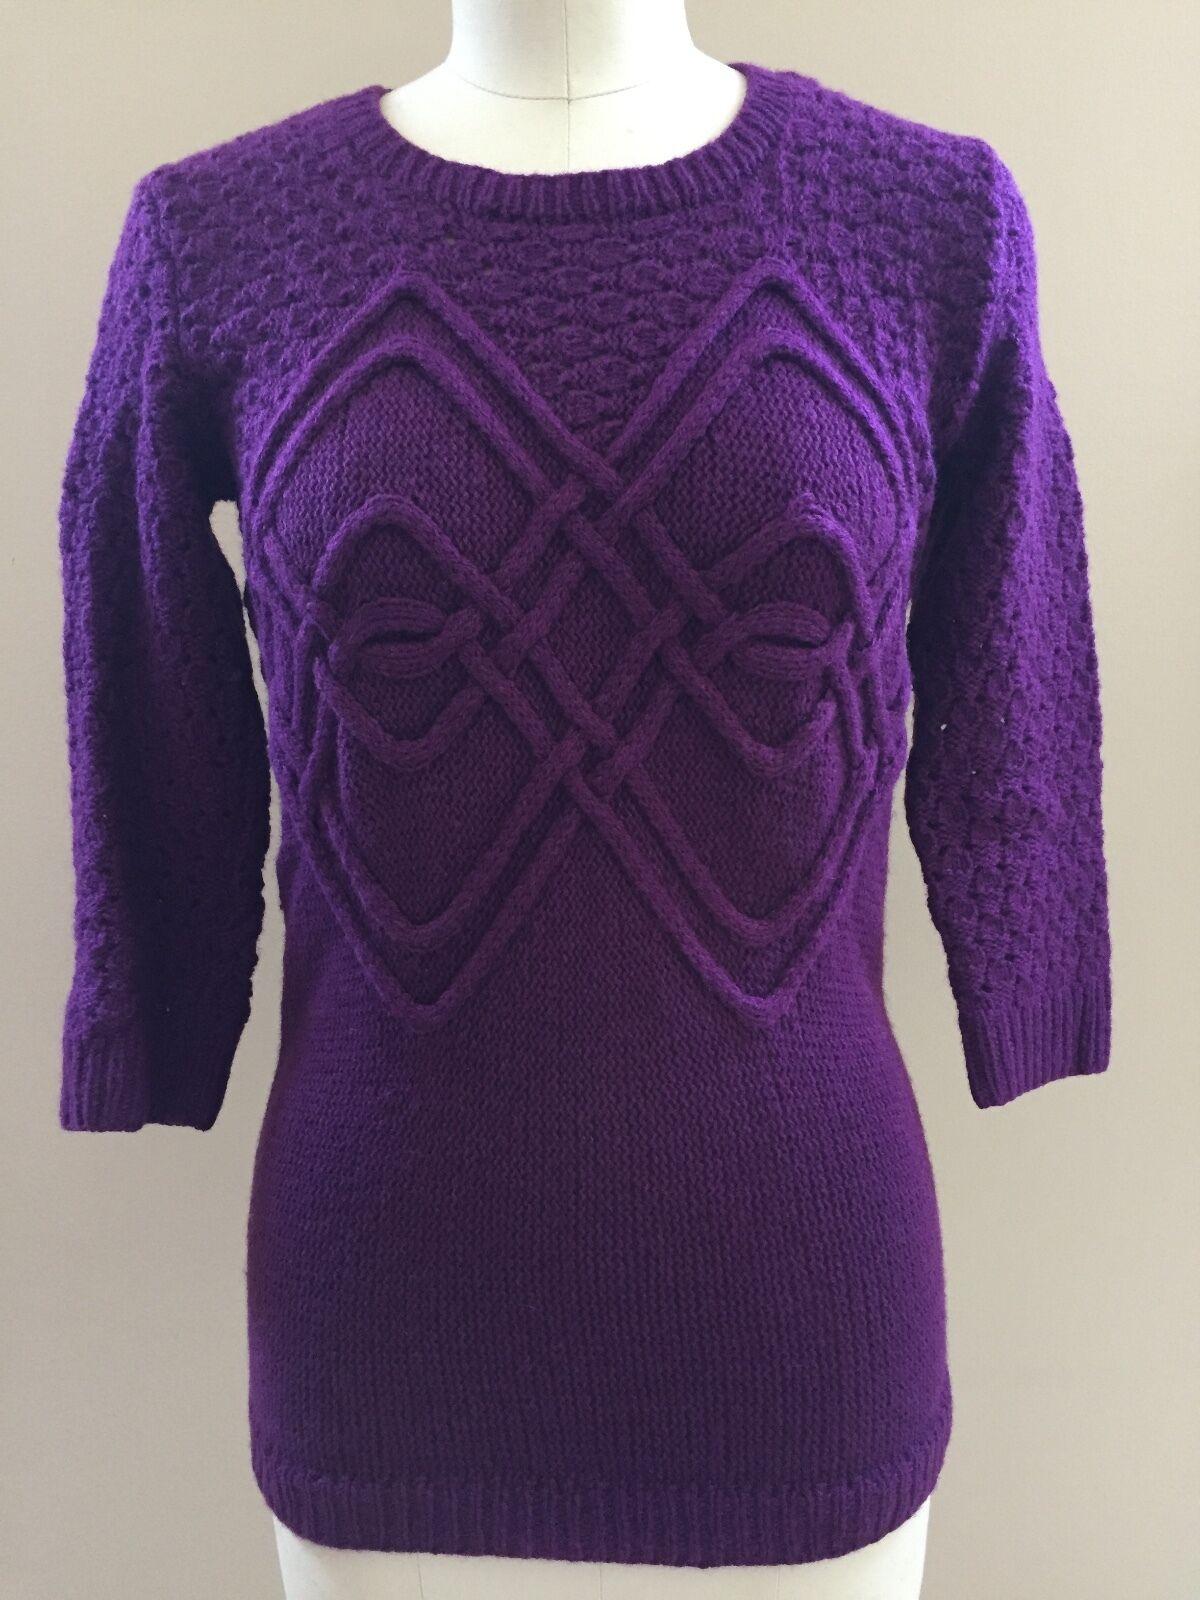 Oscar de la Renta sz M italy Purple cashmere sweater elbow sleeve